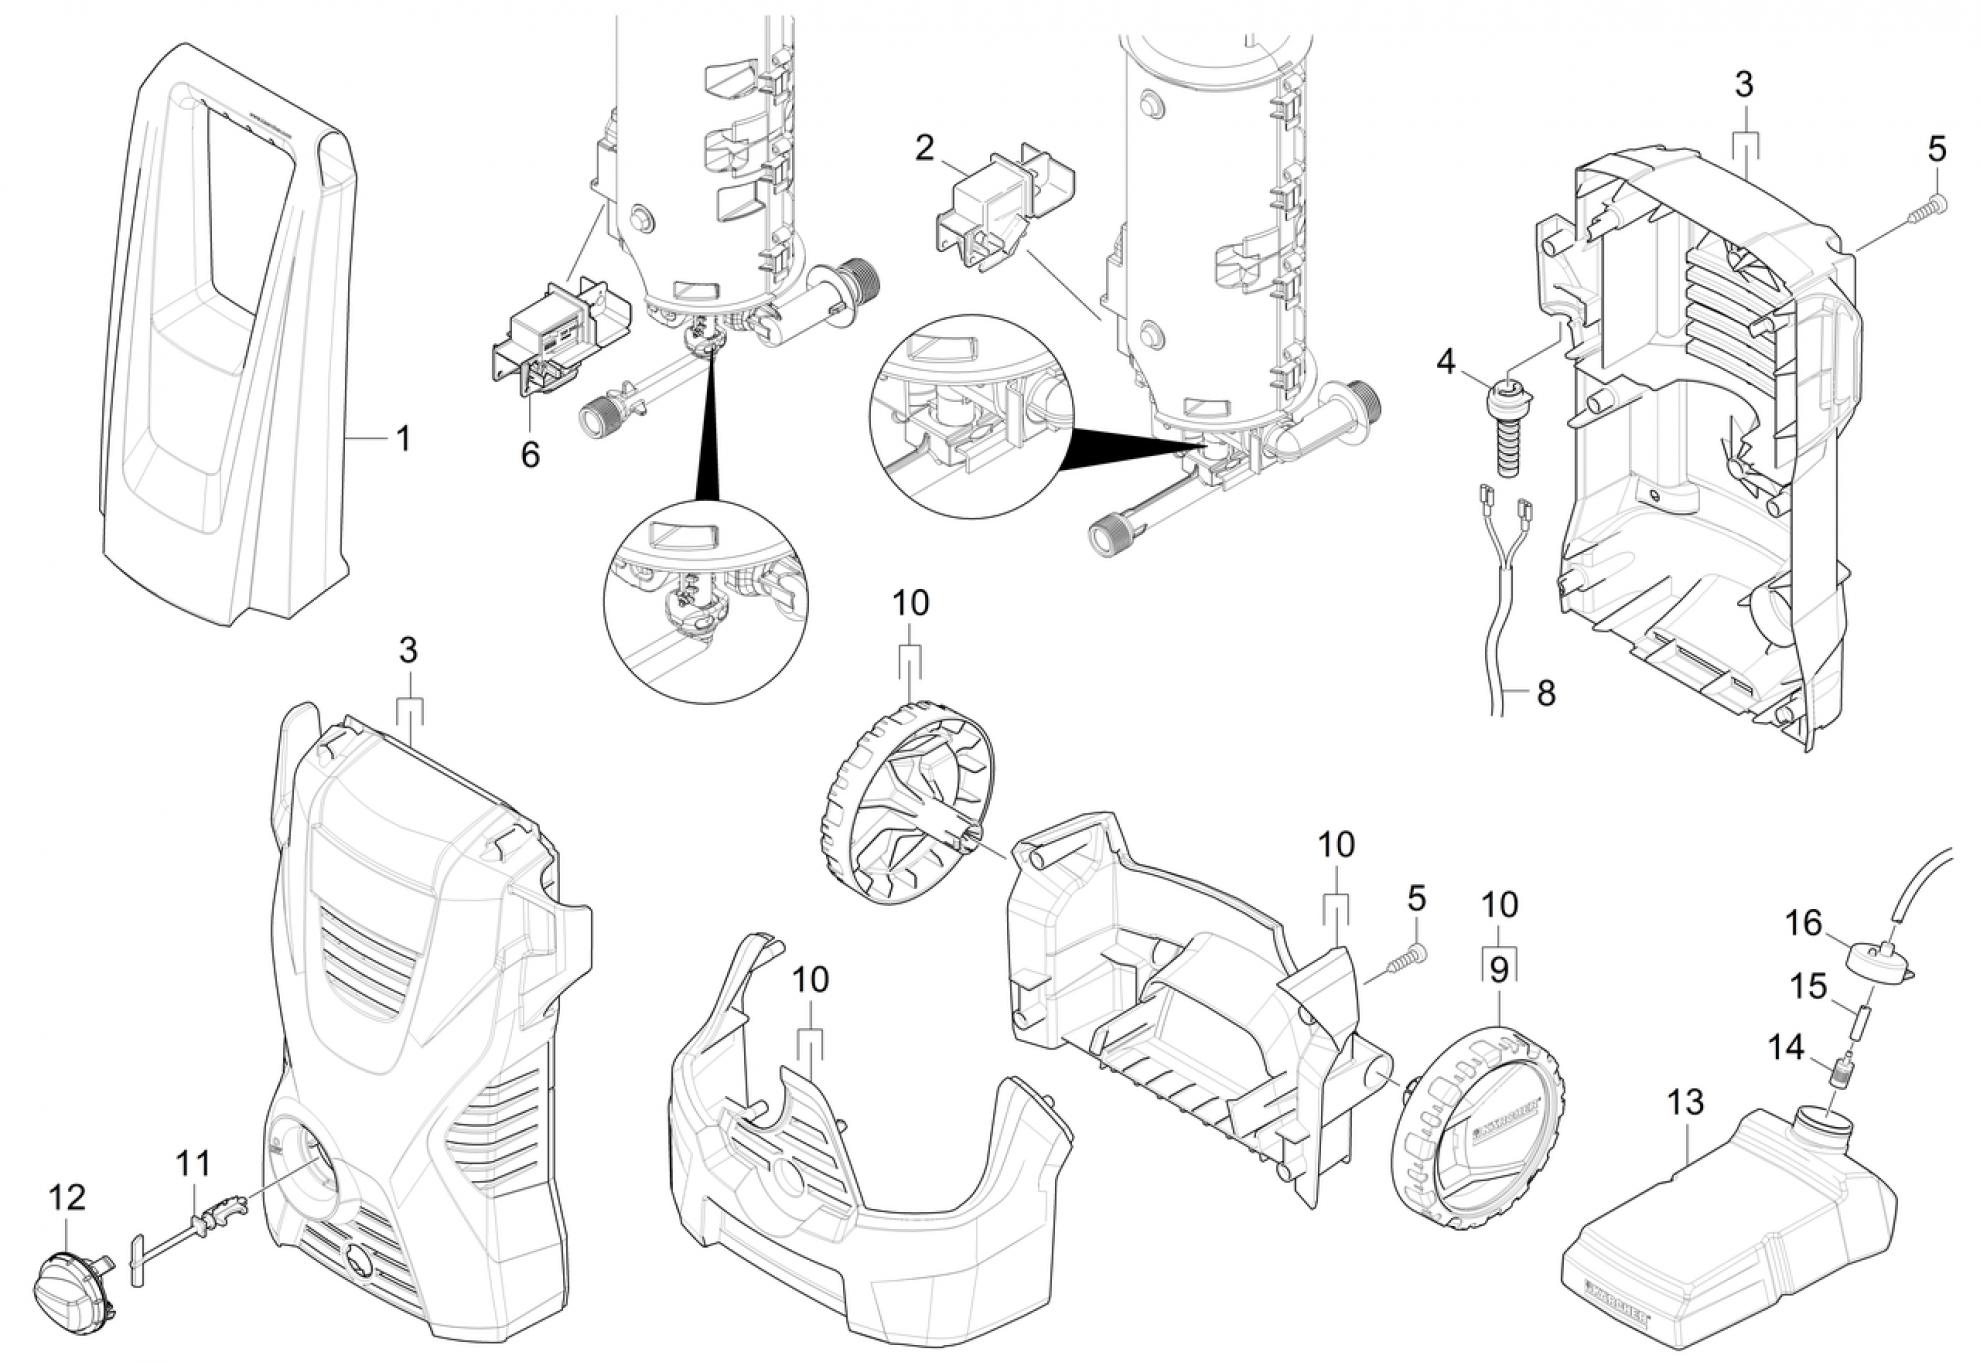 Pi ces d tach es nettoyeur haute pression karcher k 2 premium eu - Pieces detachees nettoyeur haute pression ...